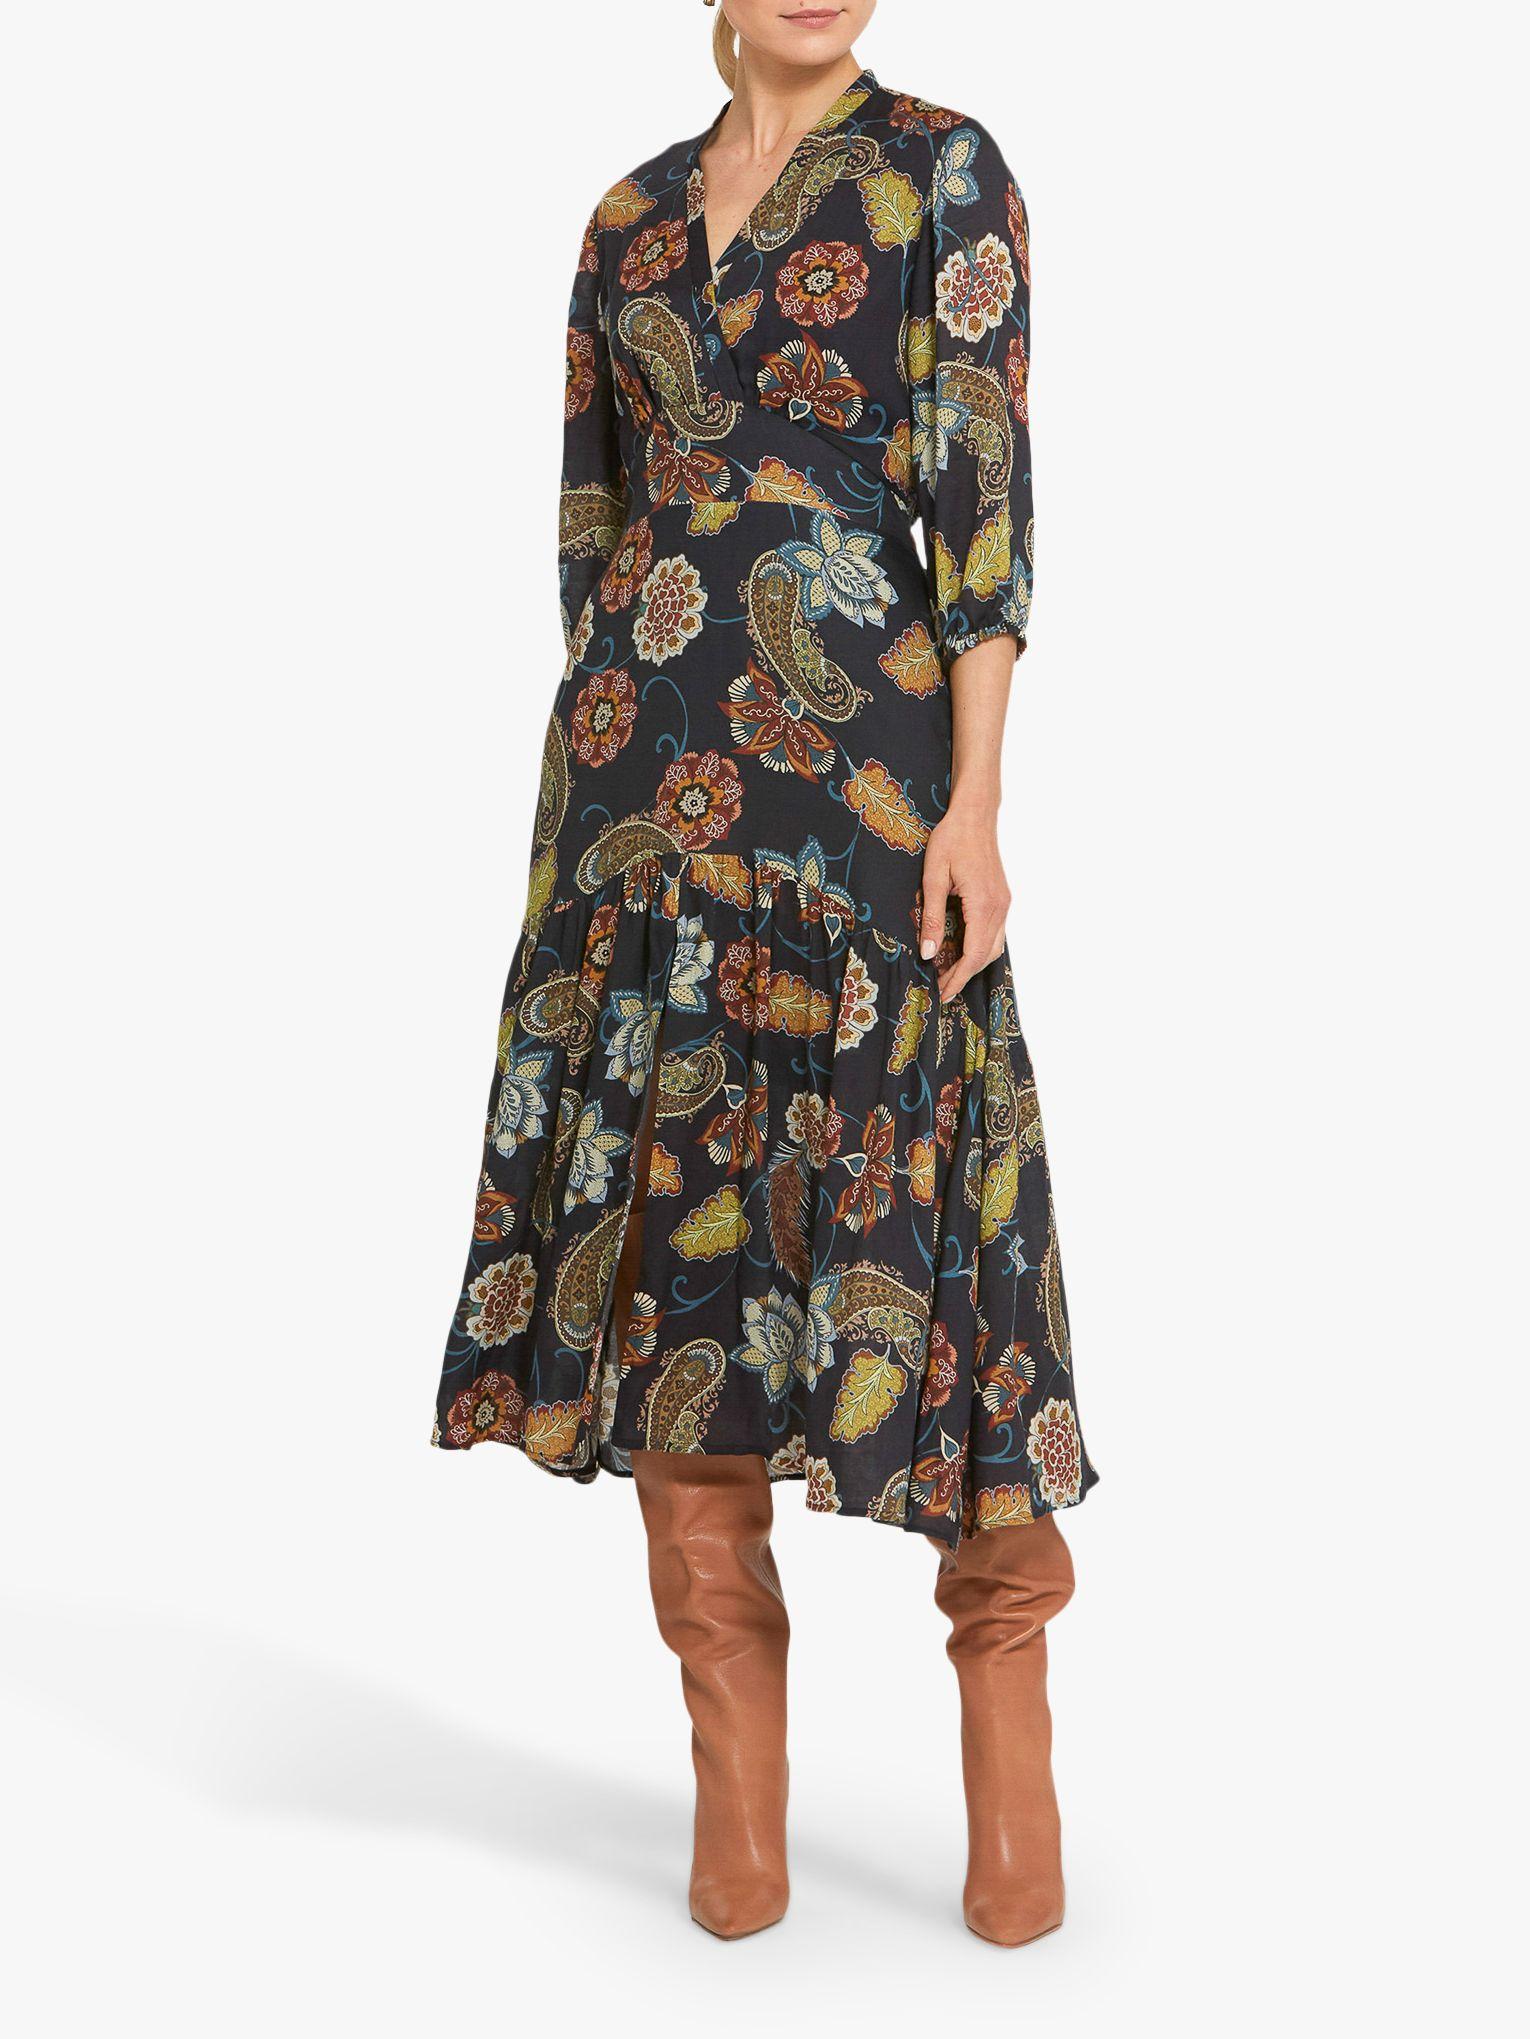 Helen McAlinden Helen McAlinden Beverley Printed Dress, Multi